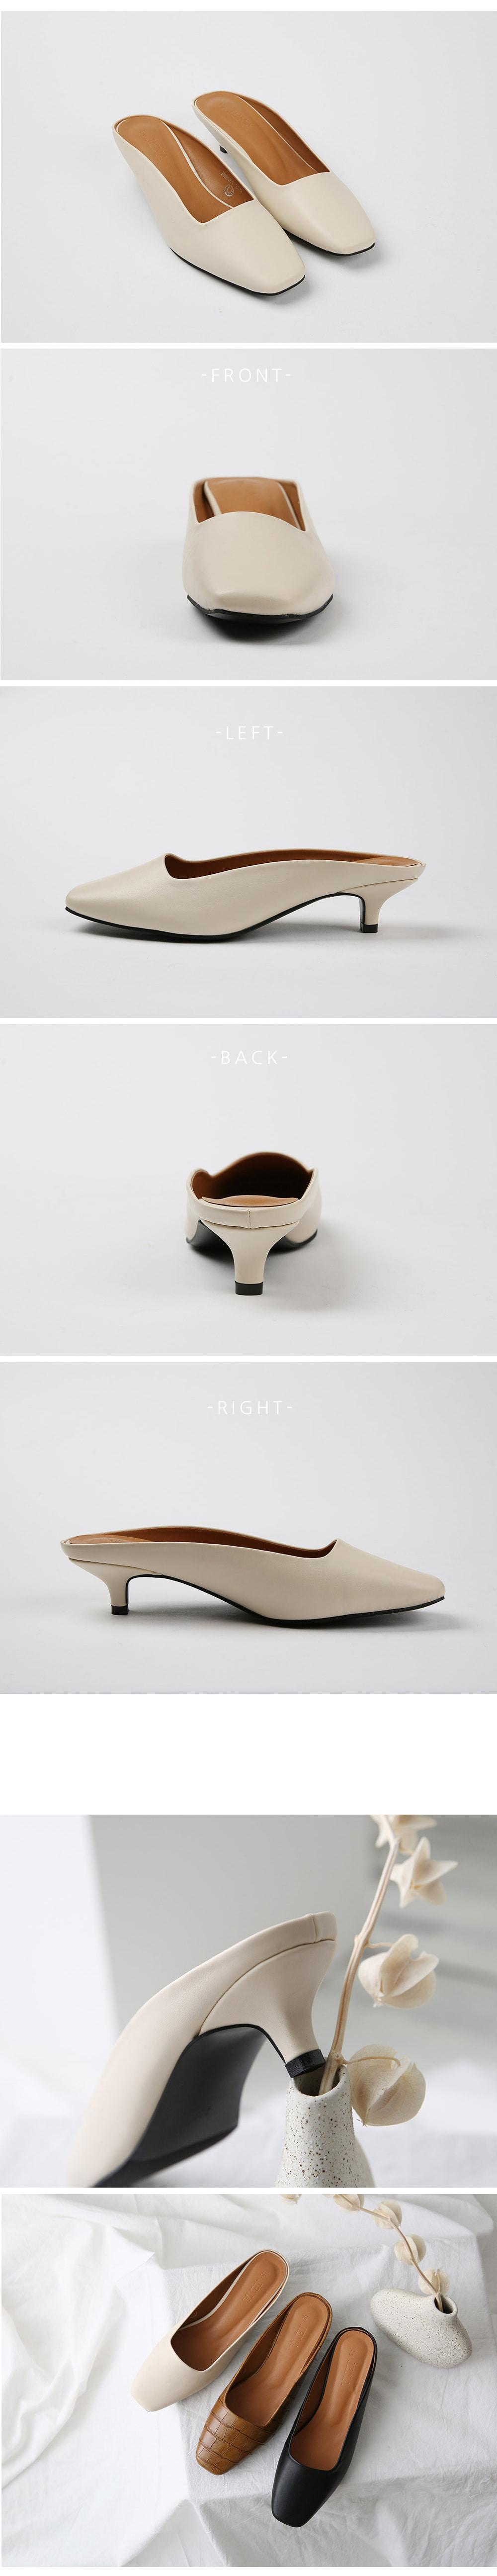 더보이더걸WS-6648(4cm) 사각코 여자 뮬 슬리퍼 블로퍼 - 더보이더걸, 40,800원, 슬링백/블로퍼, 블로퍼